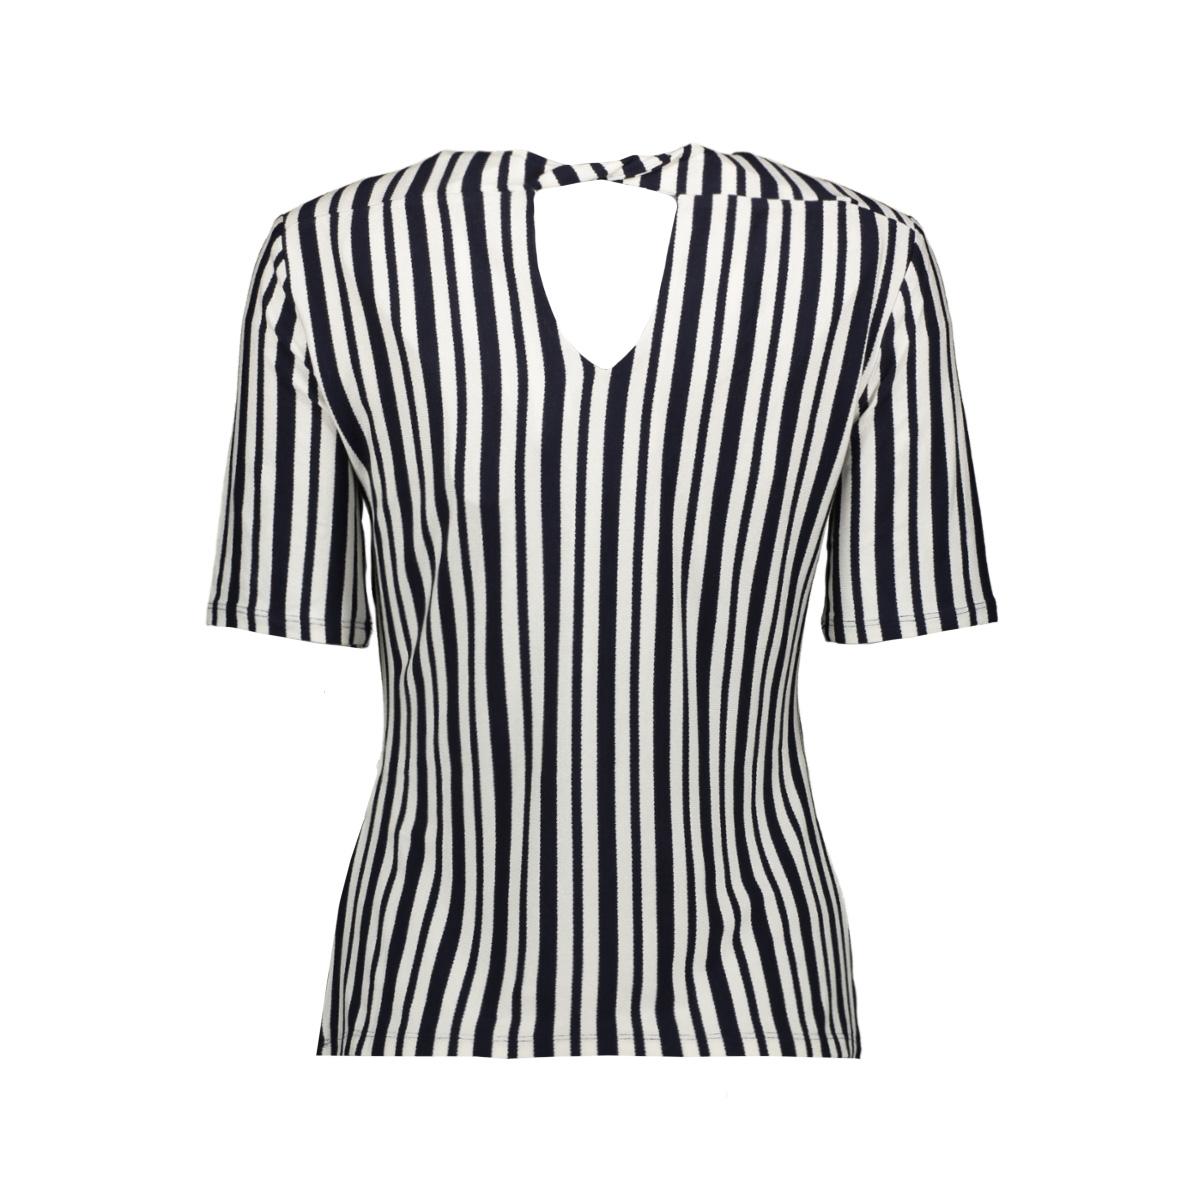 jdymelanie s/s top jrs 15198430 jacqueline de yong t-shirt sky captain/cloud dancer